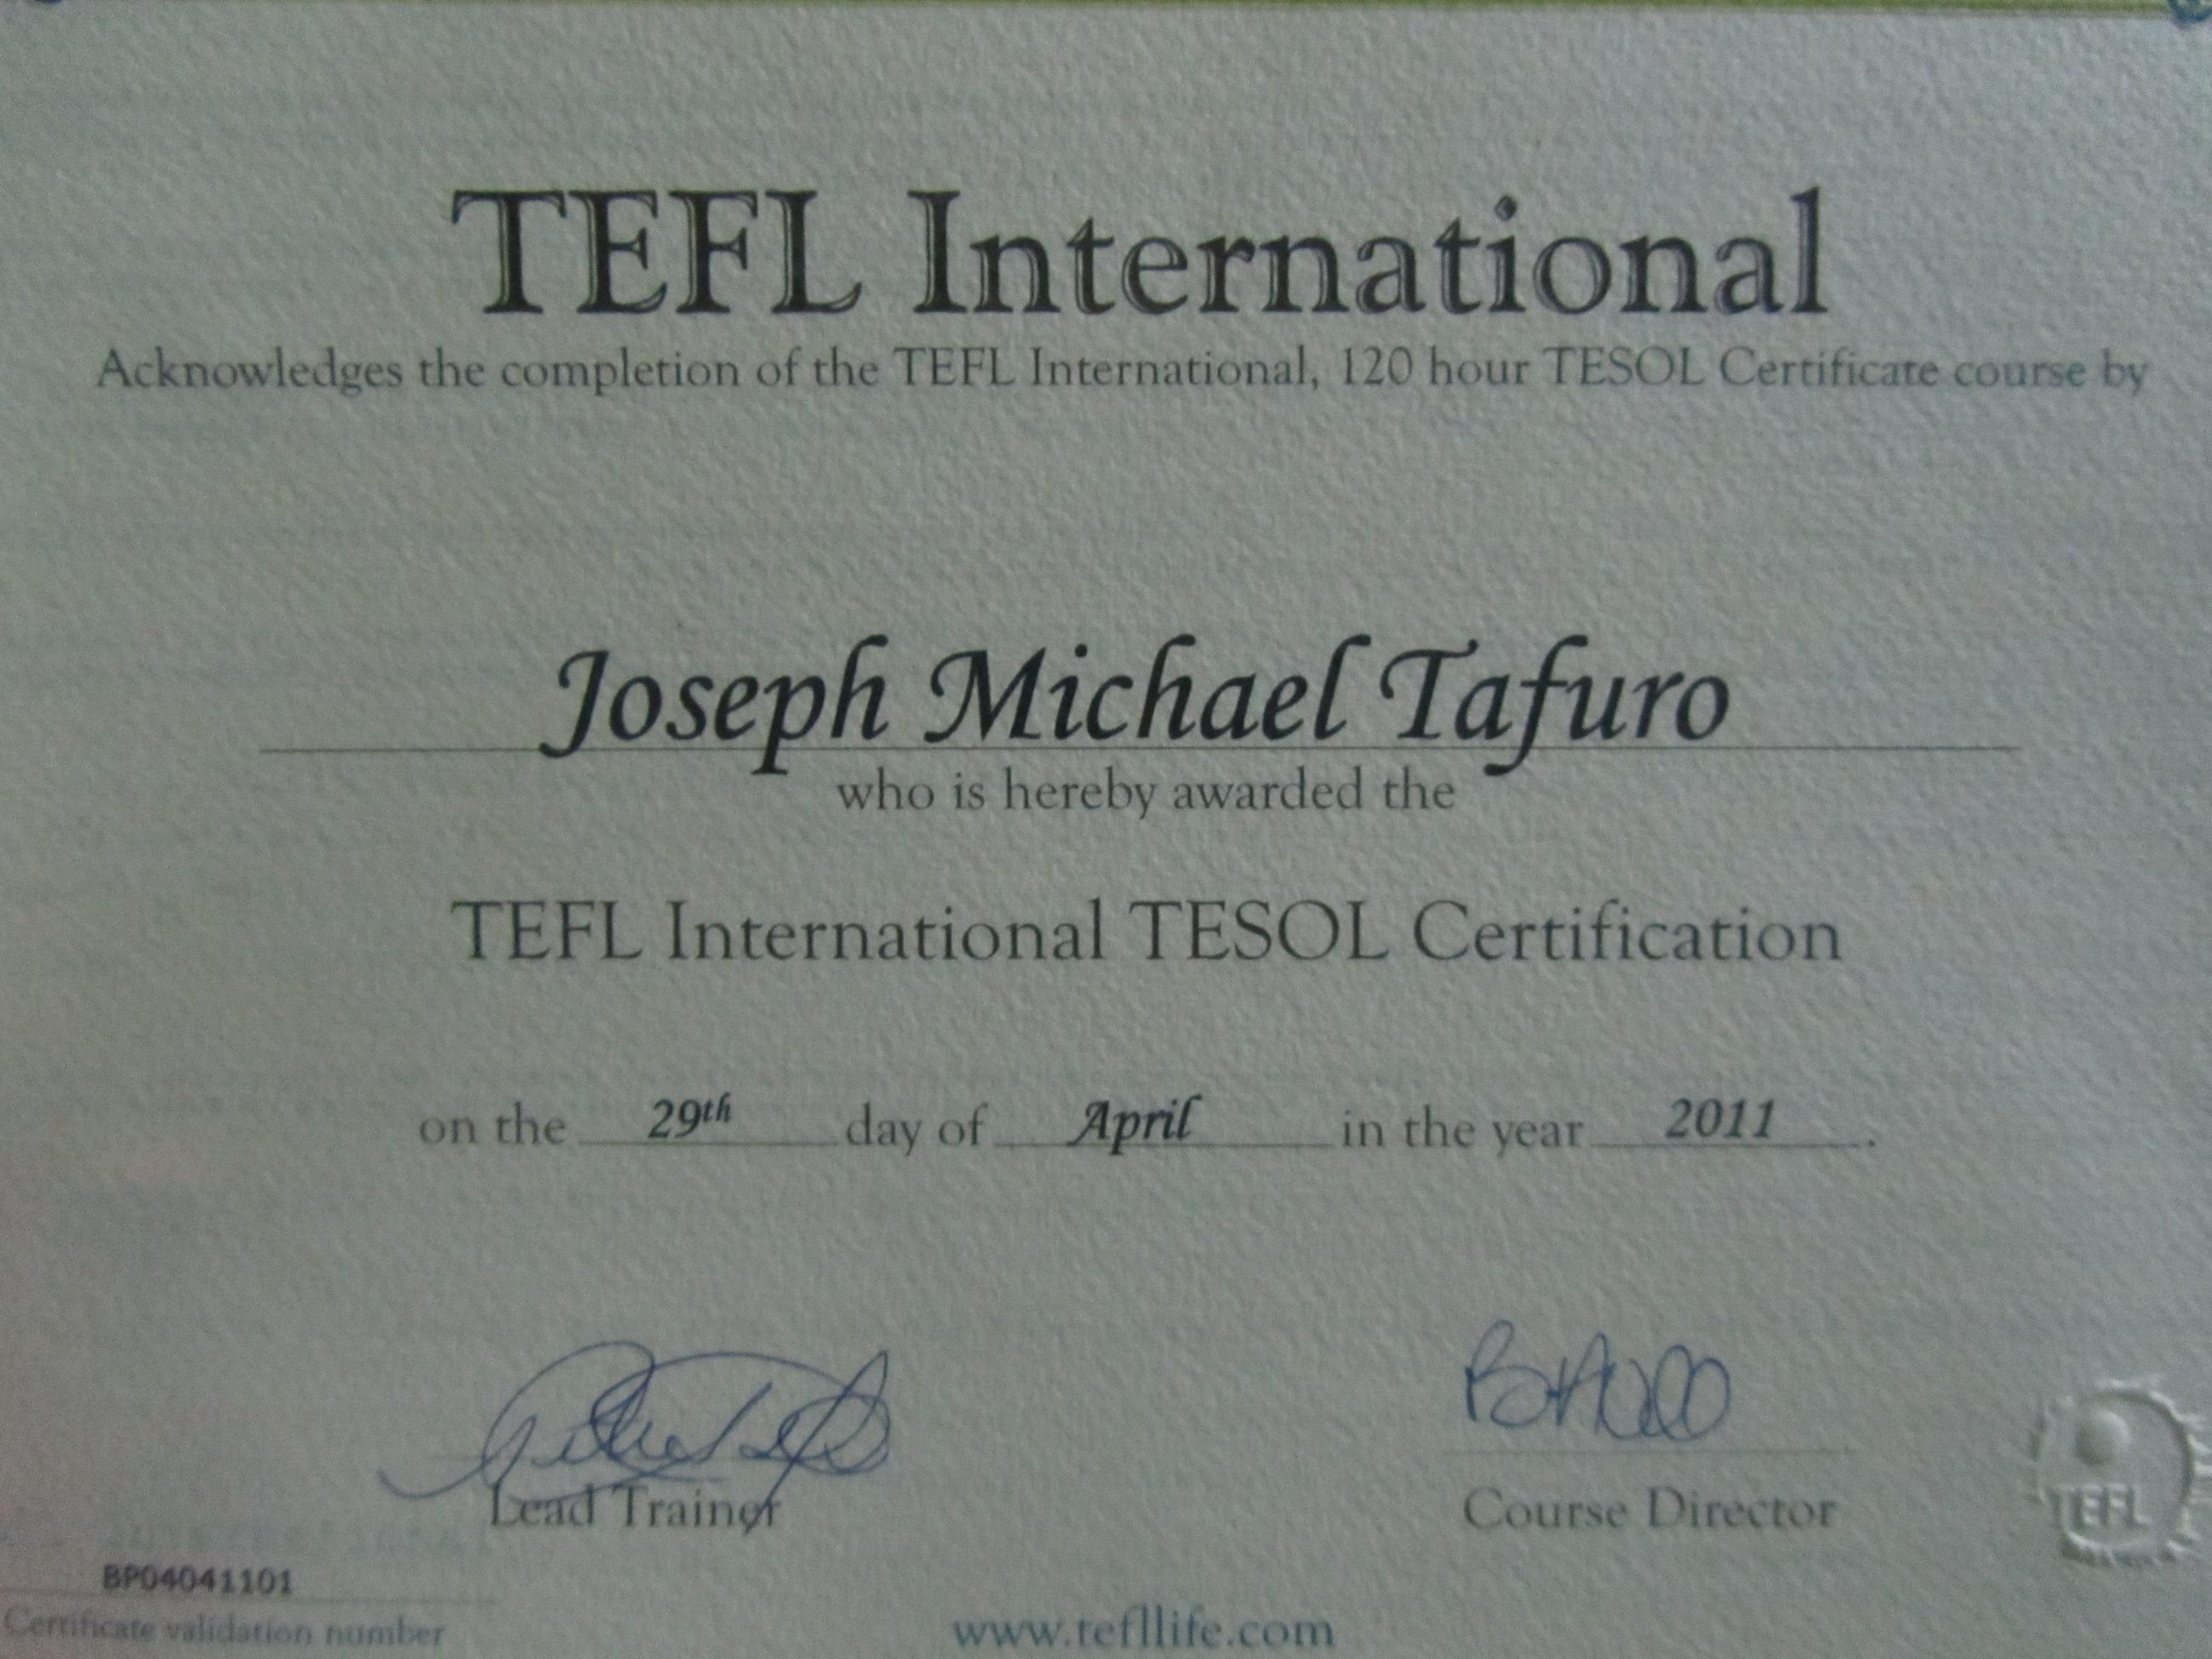 Tesol Certified Tefl International Joey Goes Global